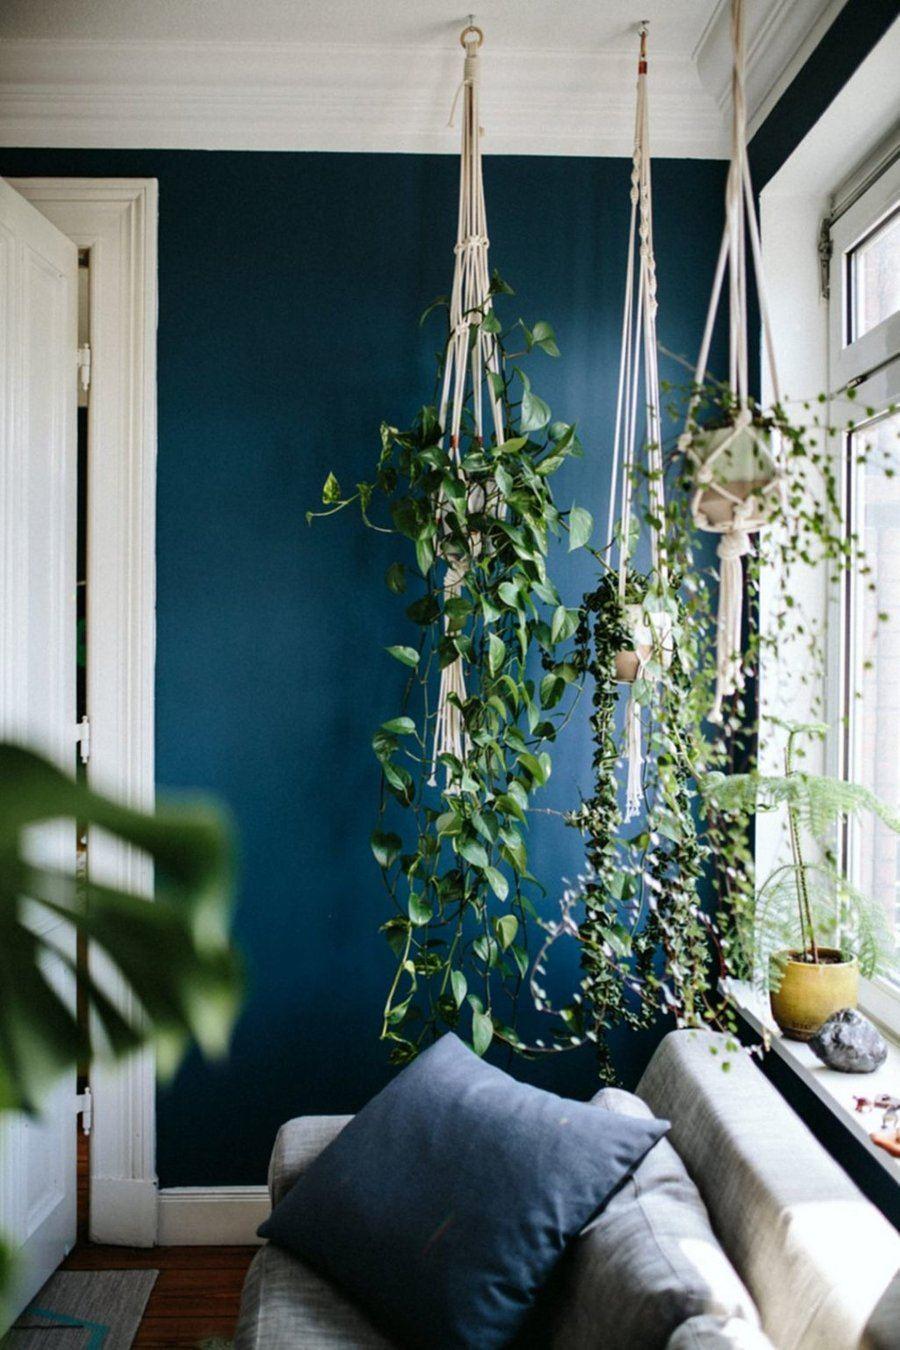 Озеленяемся! 7 идей по украшению интерьера домашними растениями